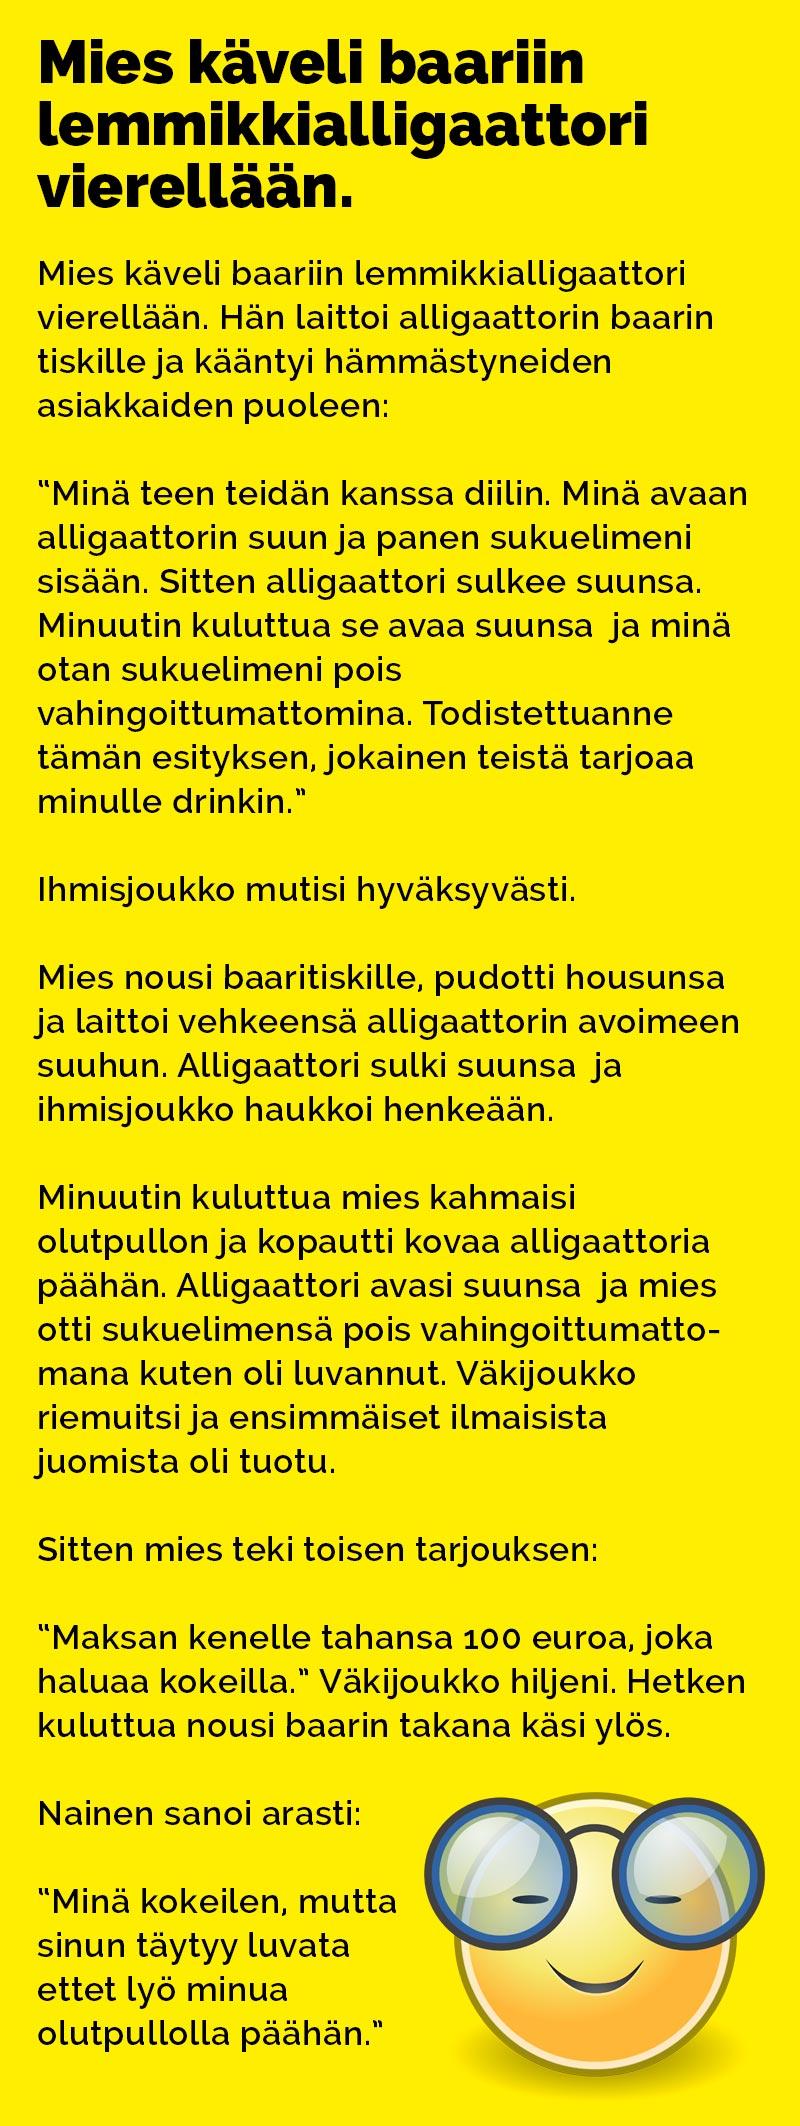 mies_kaveli_baariin_lemmikki_alligaattori_vierellaan_3